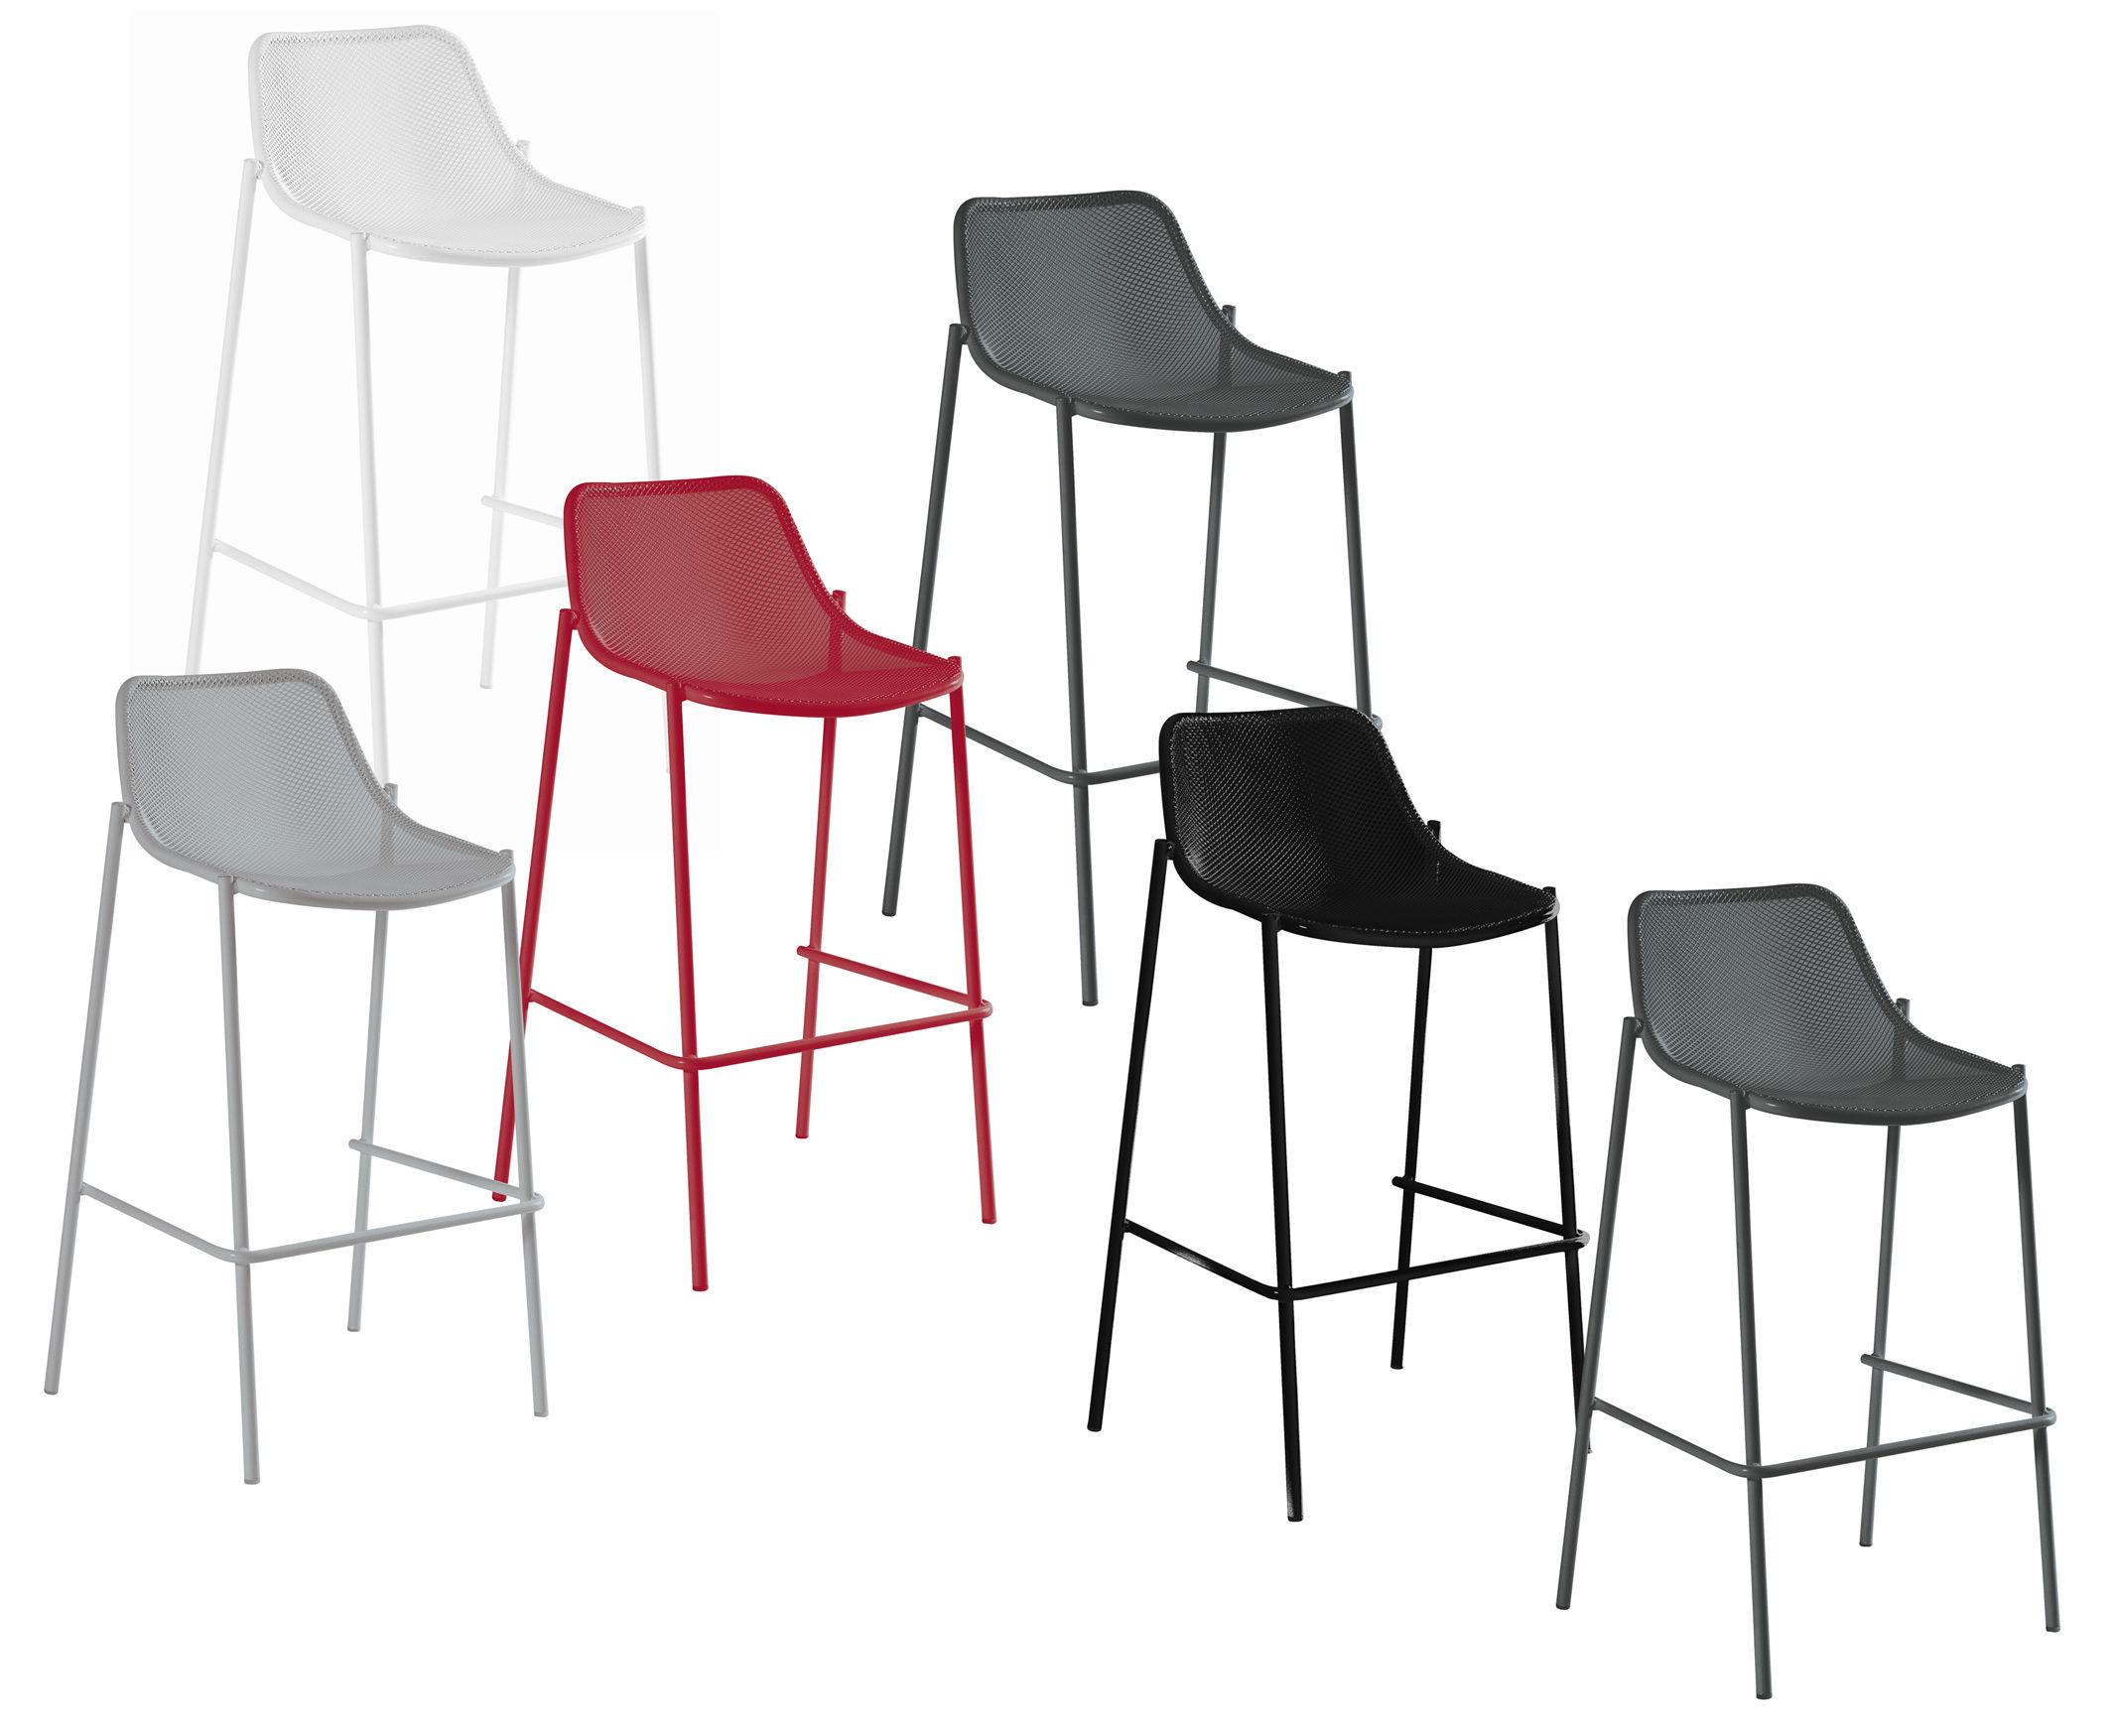 chaise de bar round m tal h 78 cm noir emu. Black Bedroom Furniture Sets. Home Design Ideas